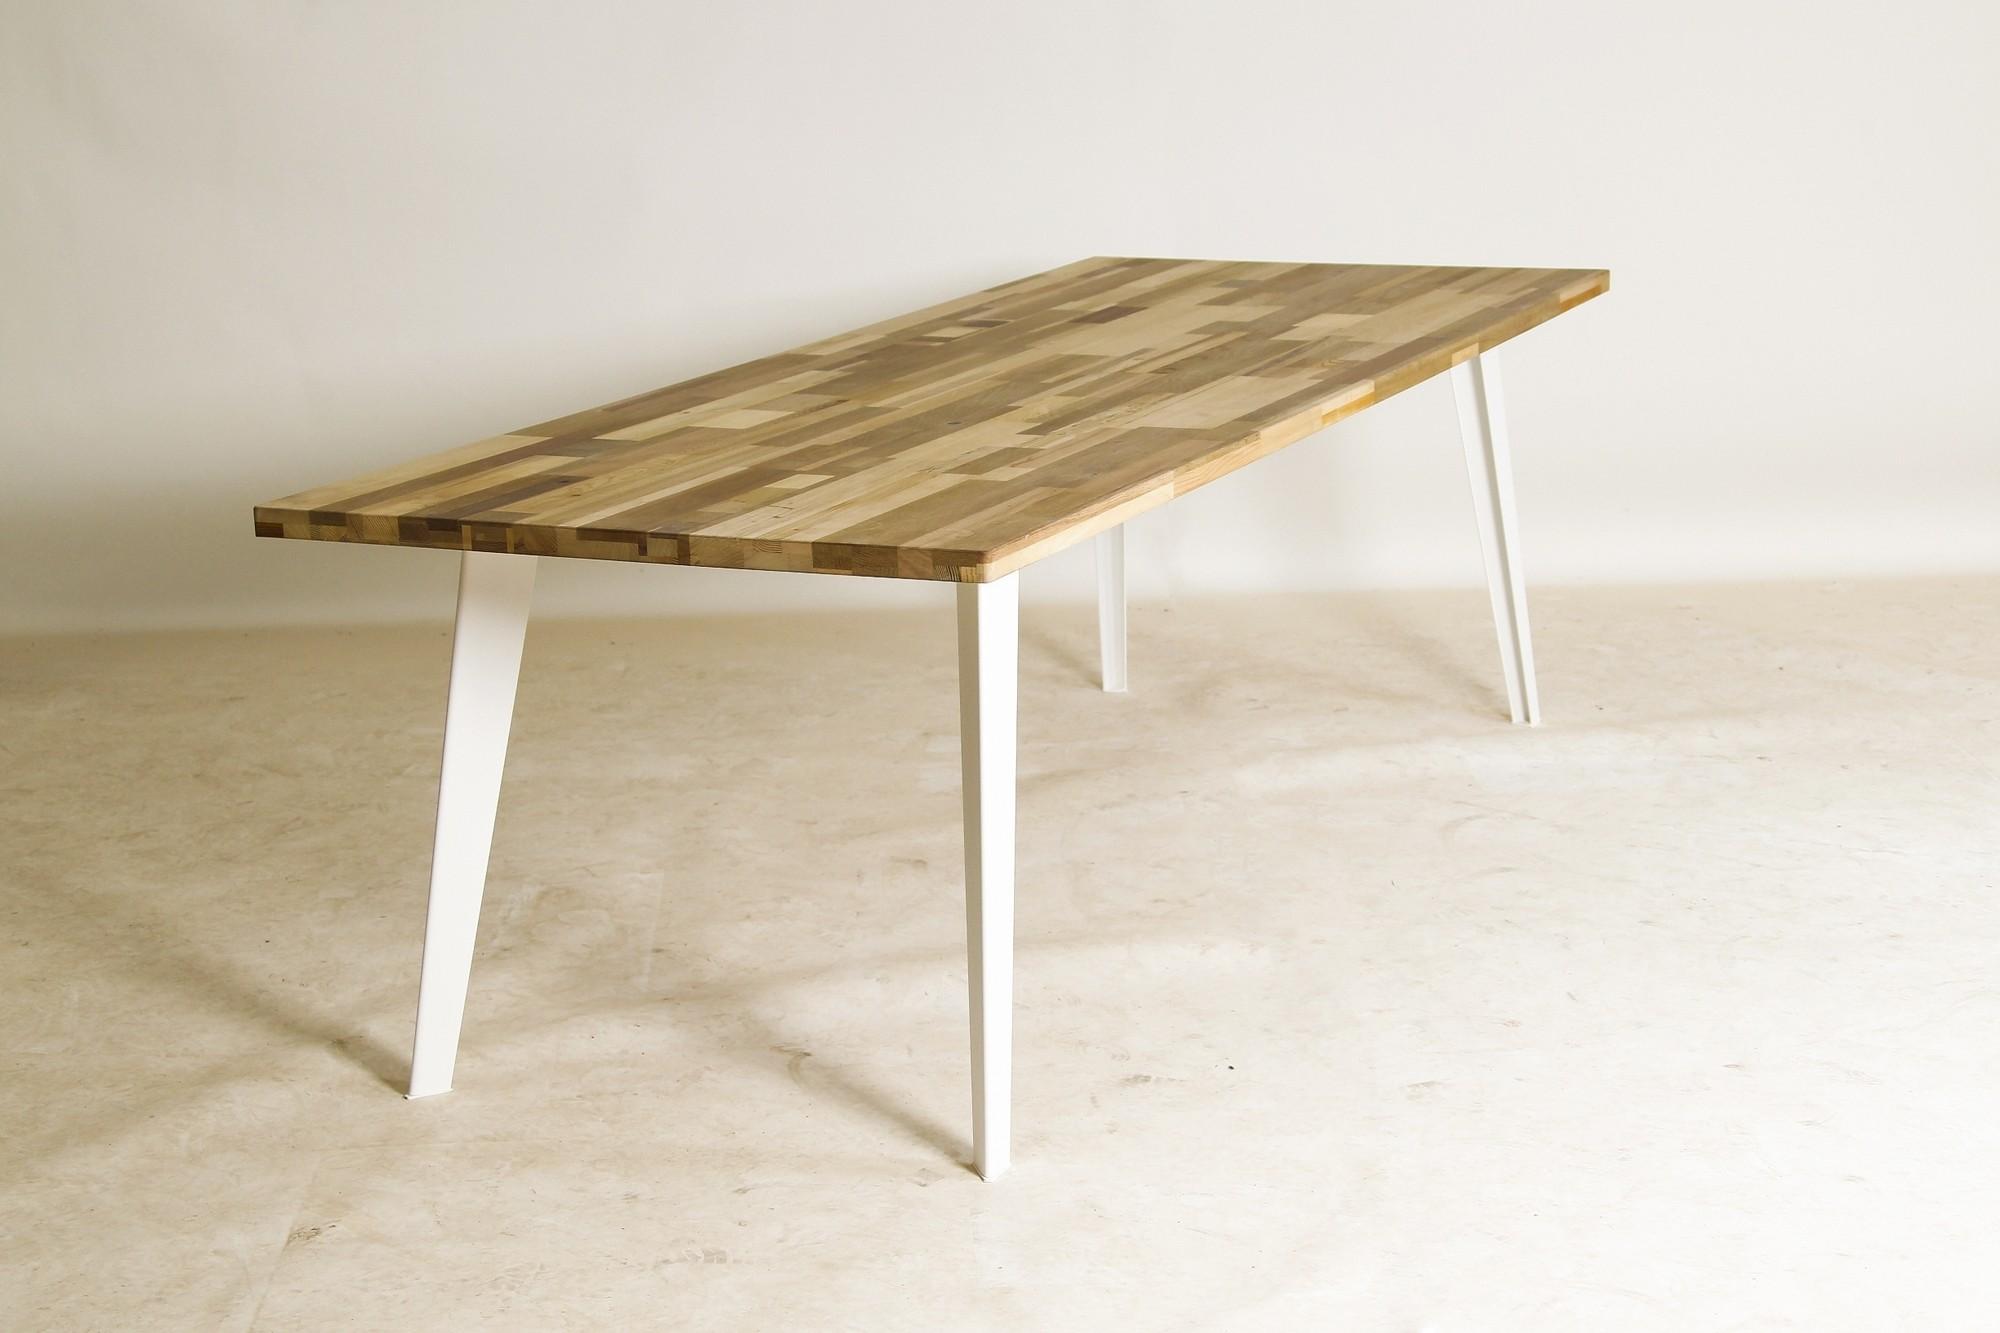 Massief Houten Tafel : Gerecyclede tafel miro massief houten tafel mv katoor